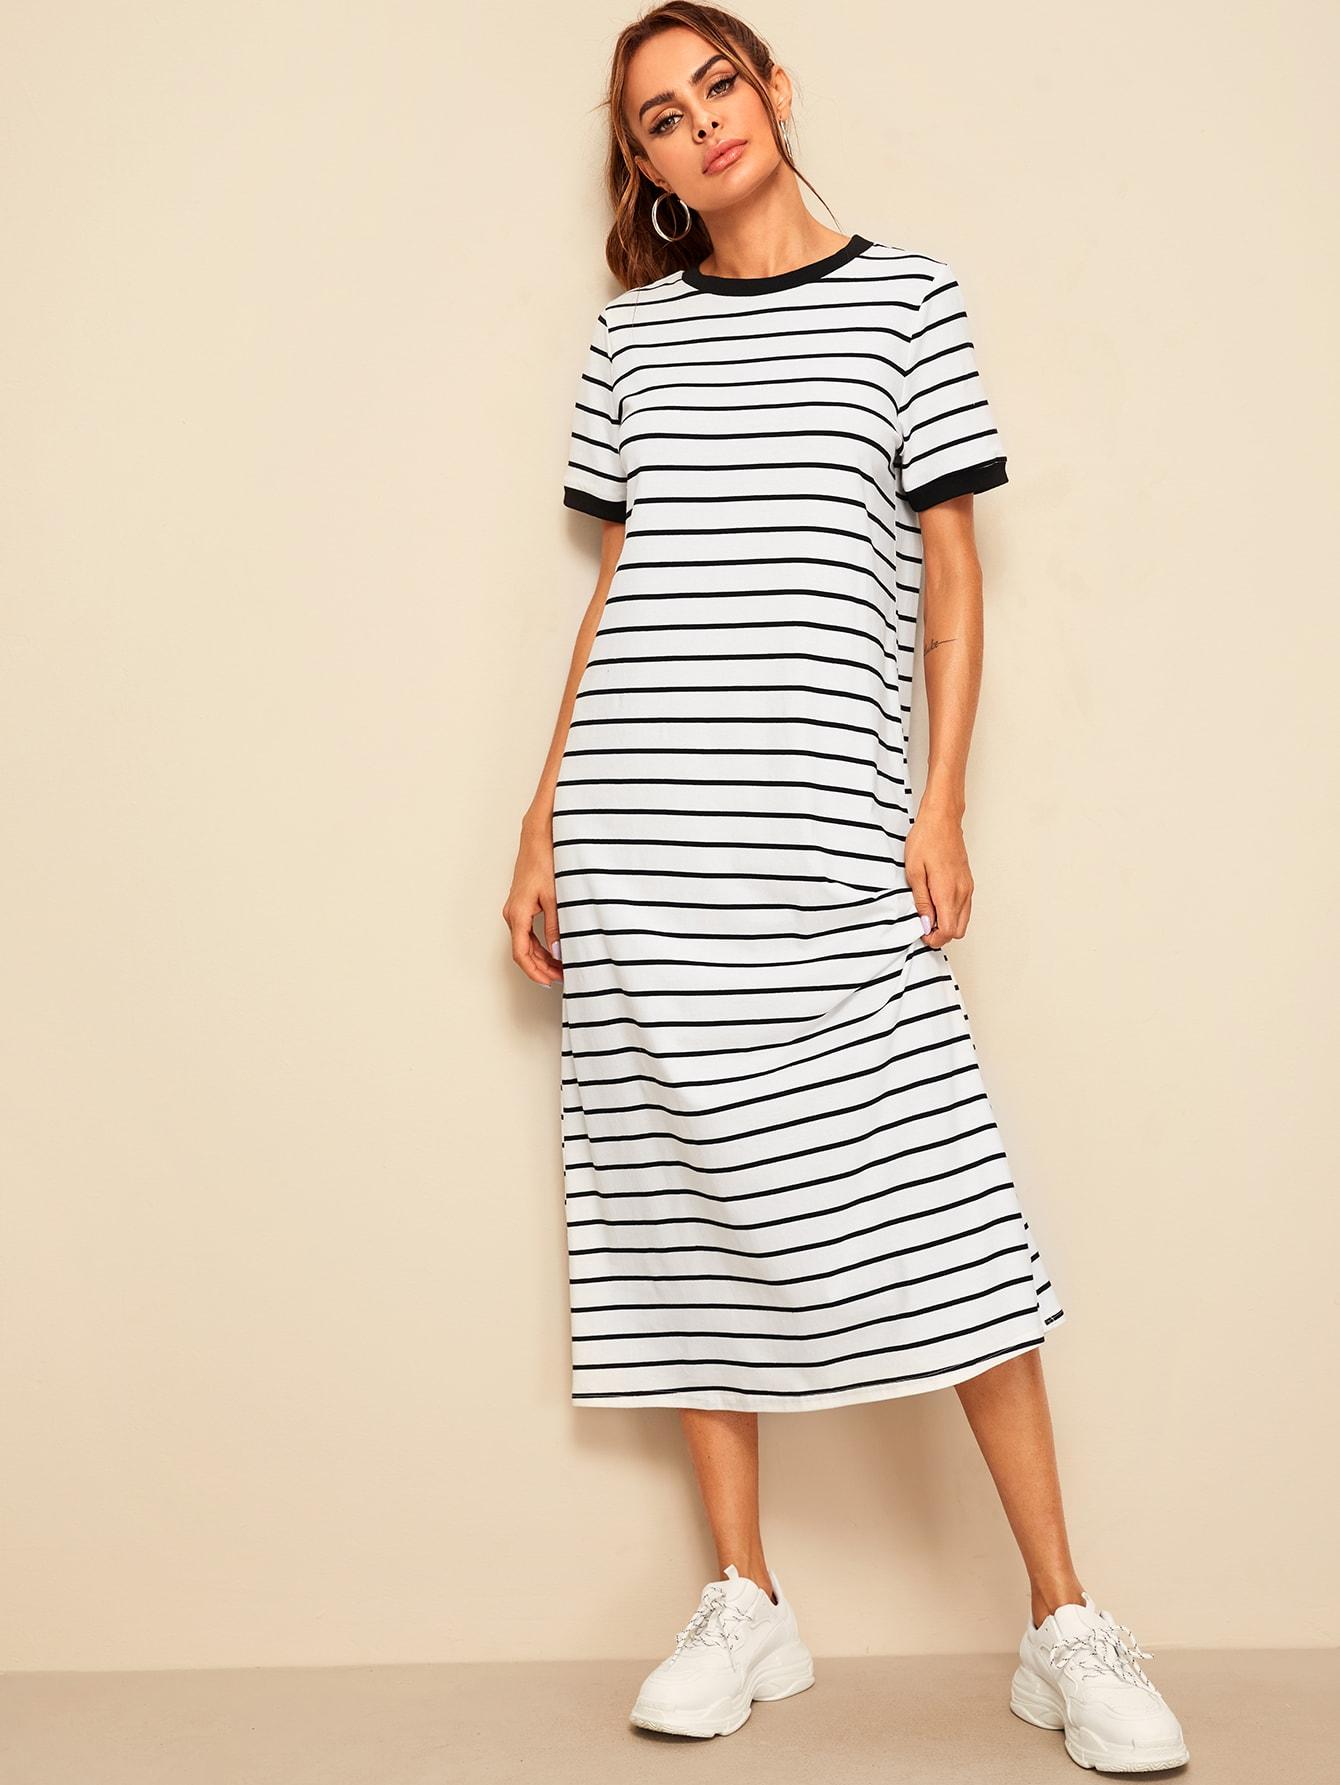 Фото - Полосатое платье-туника от SheIn цвет чёрнобелые